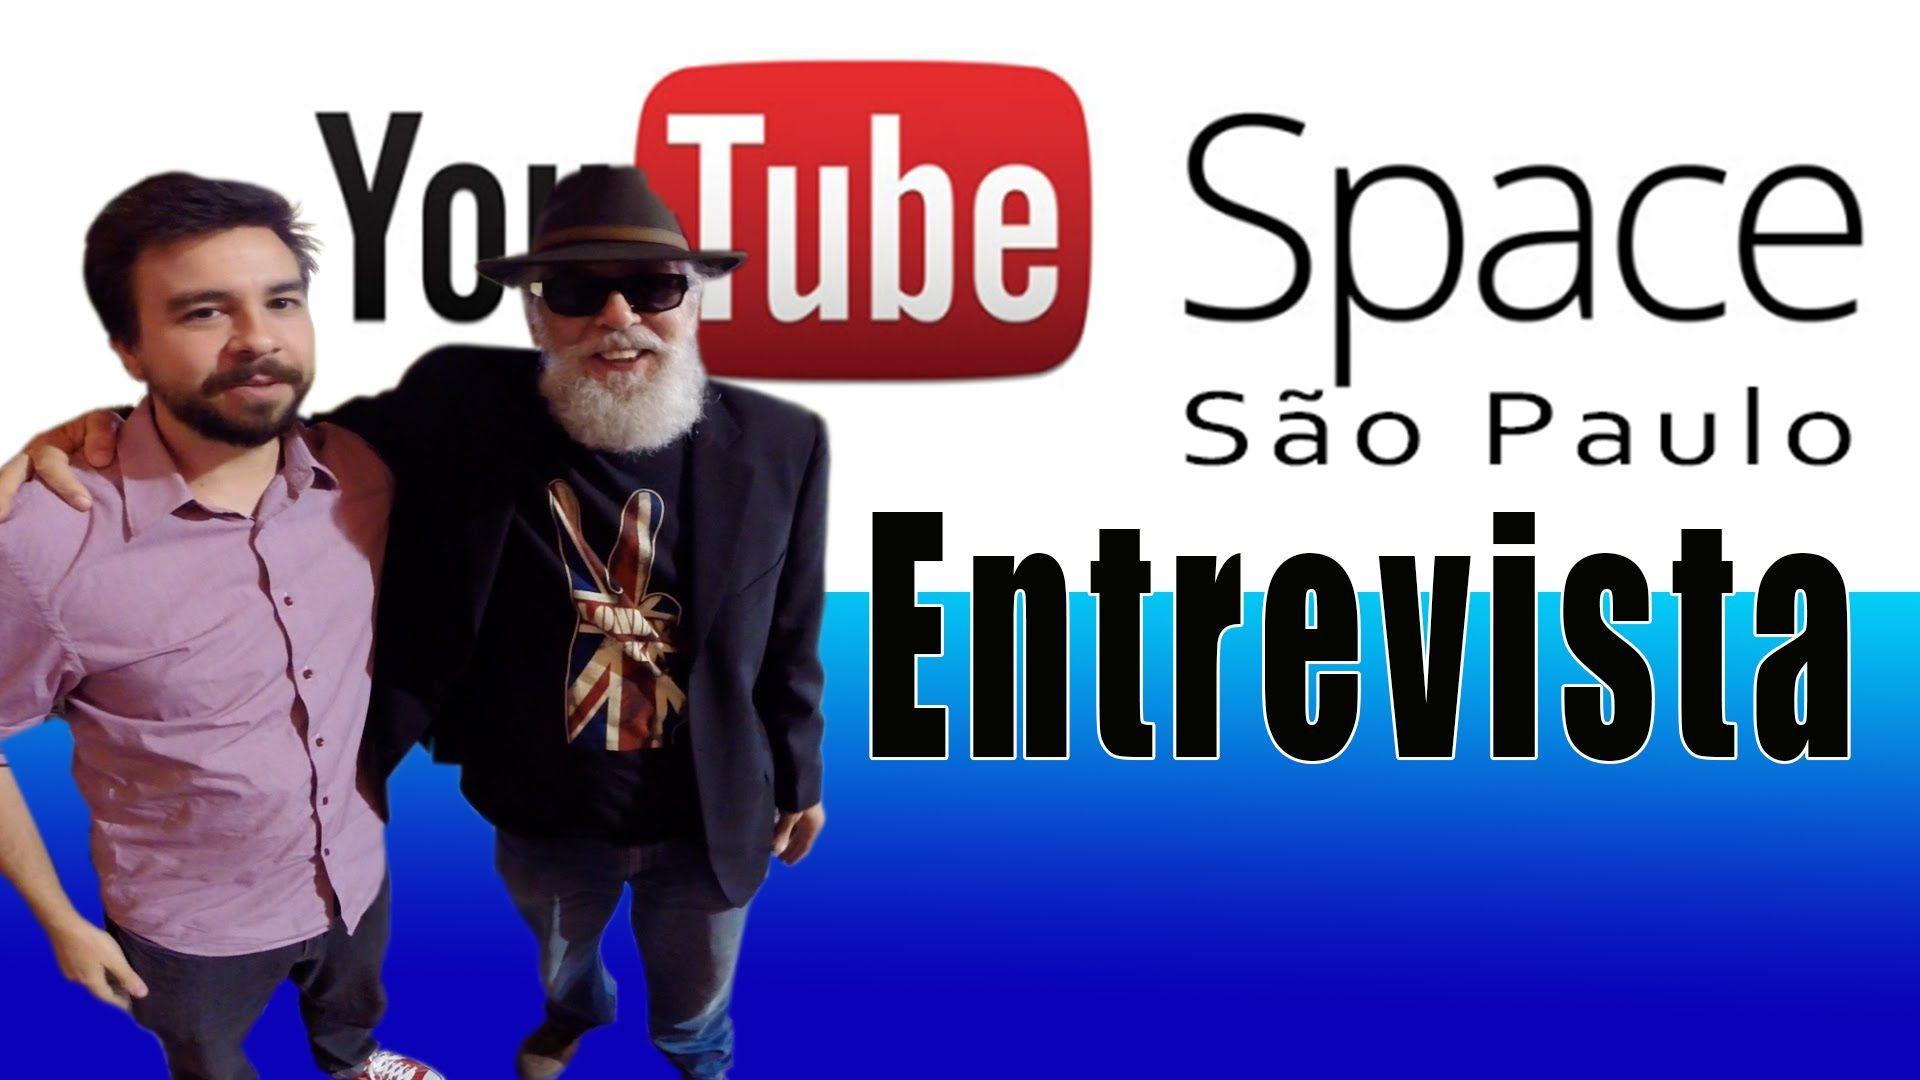 Entrevista Otávio Albuquerque Rolê Gourmet e Youtube Spaces